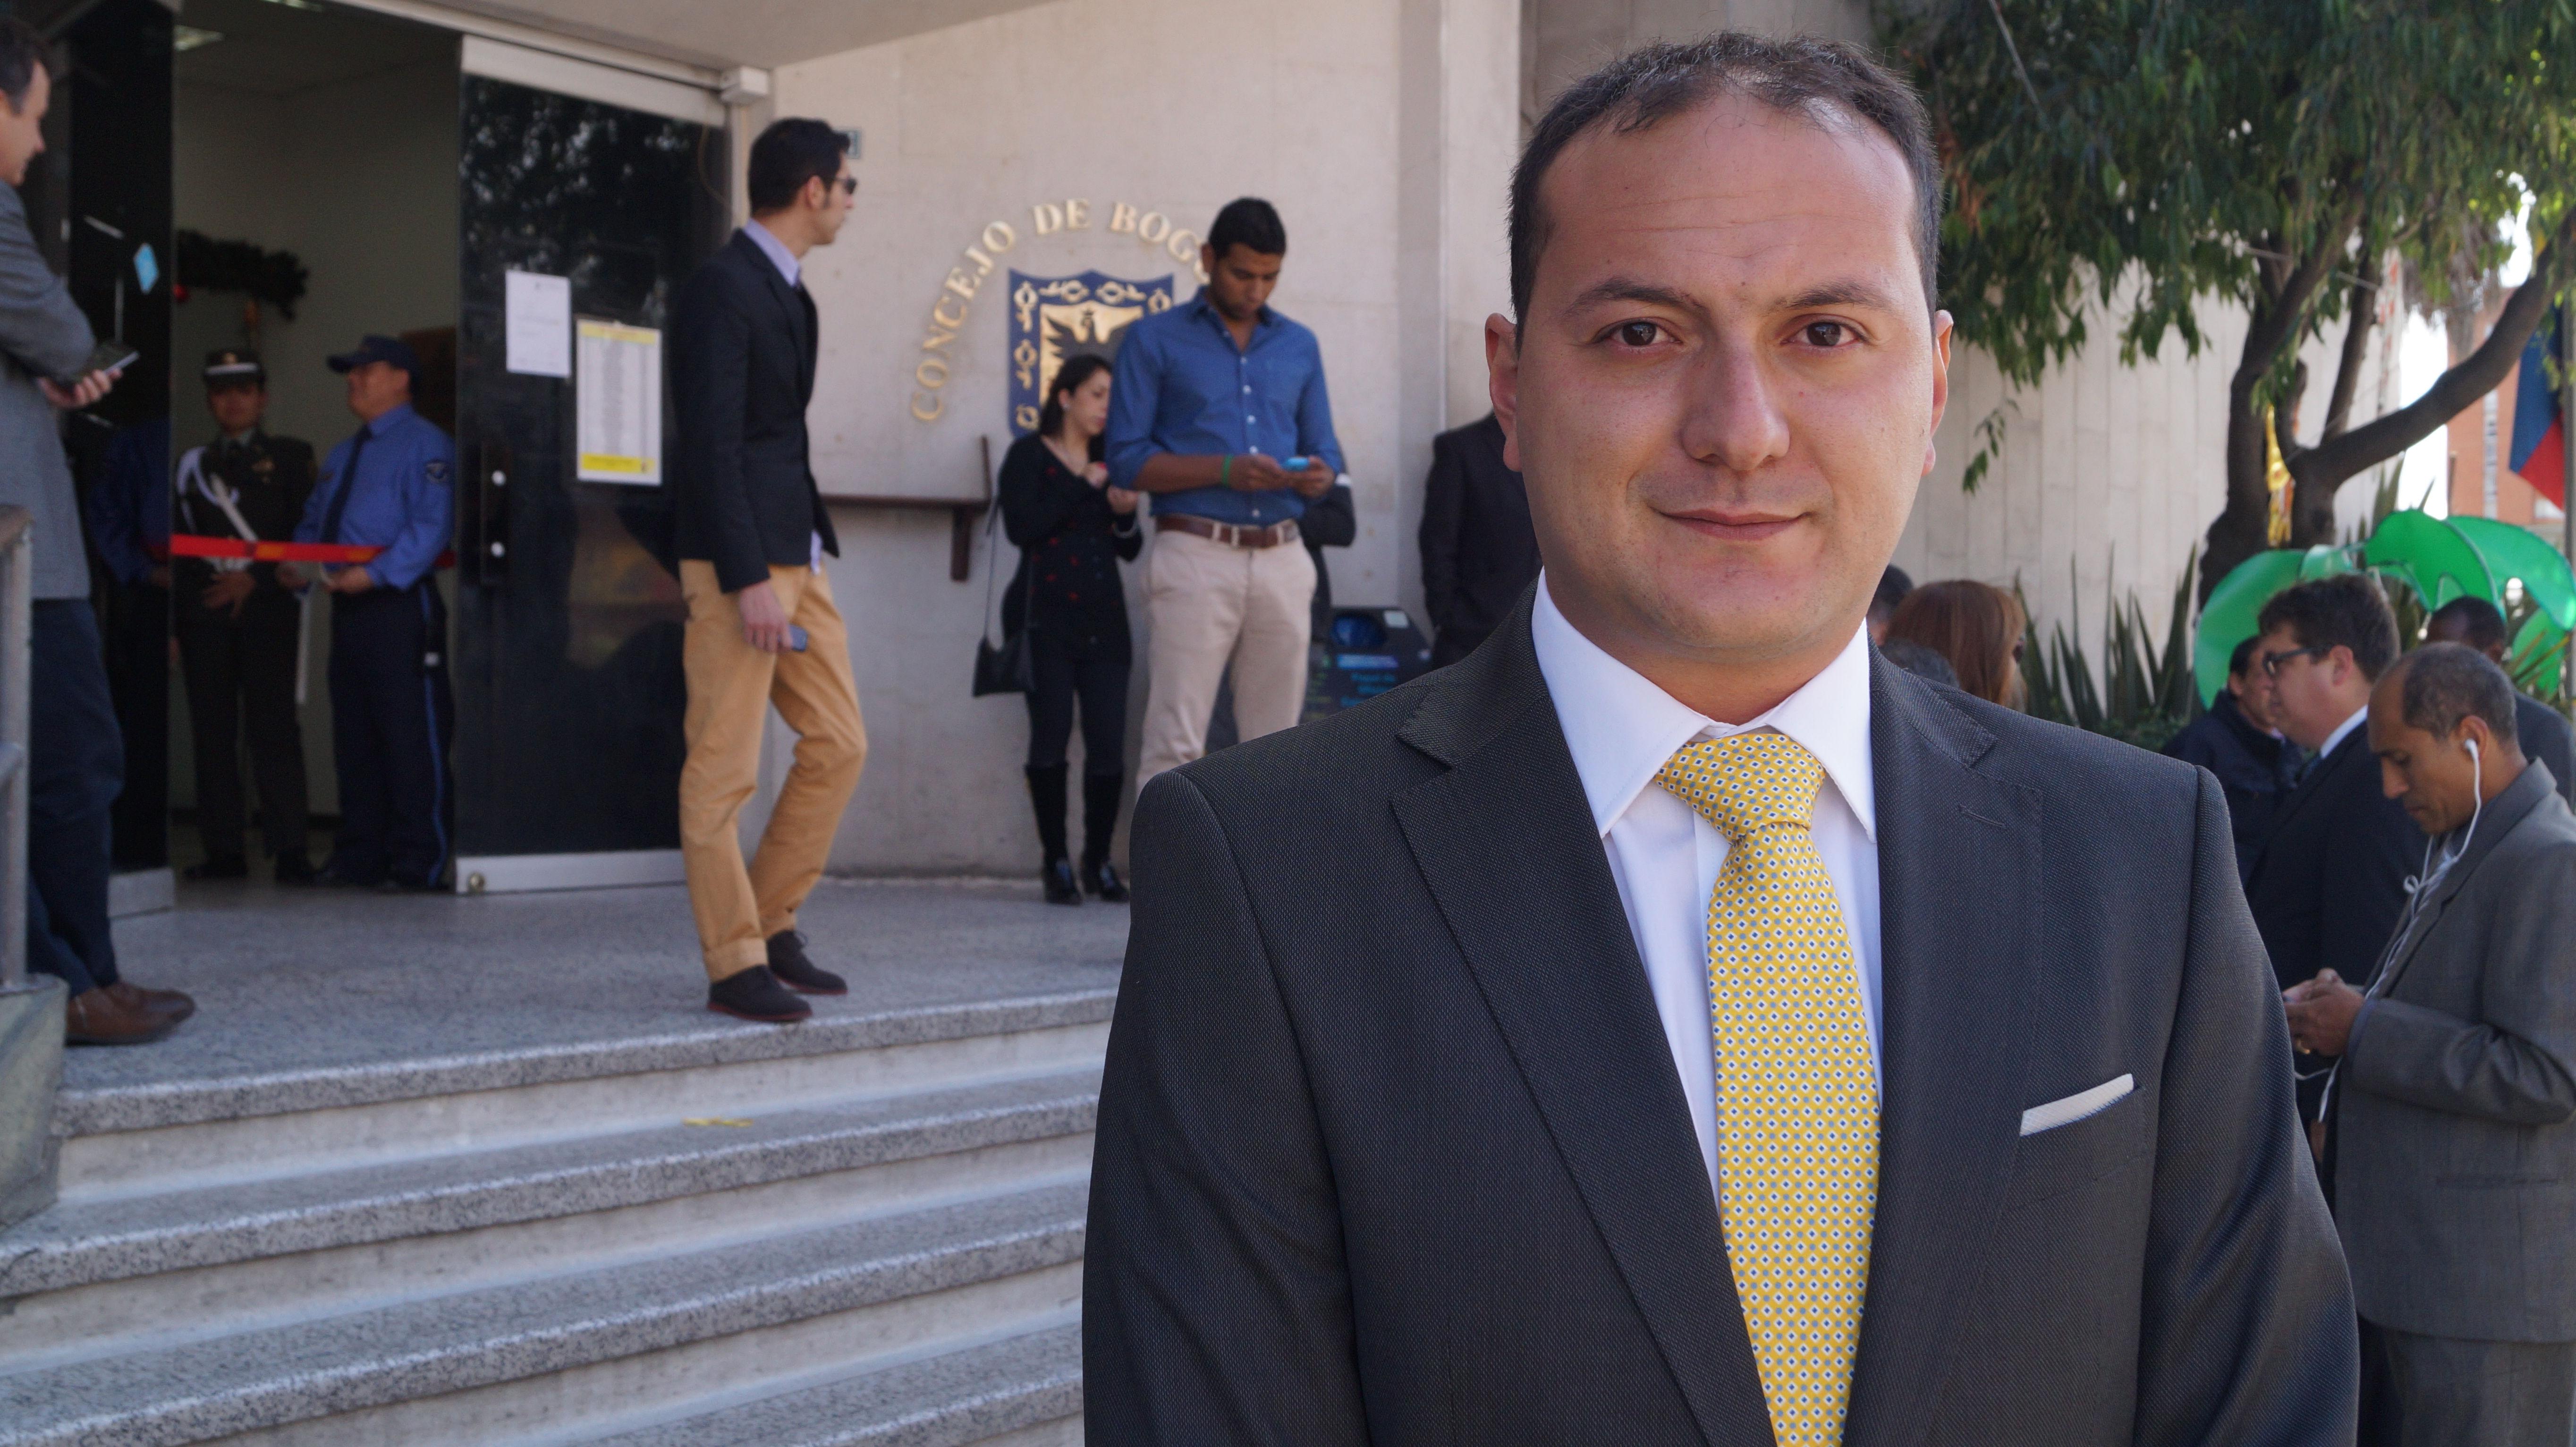 Carta pública de réplica del Concejal Manuel Sarmiento al Alcalde Enrique Peñalosa  sobre falsas afirmaciones acerca de las privatizaciones